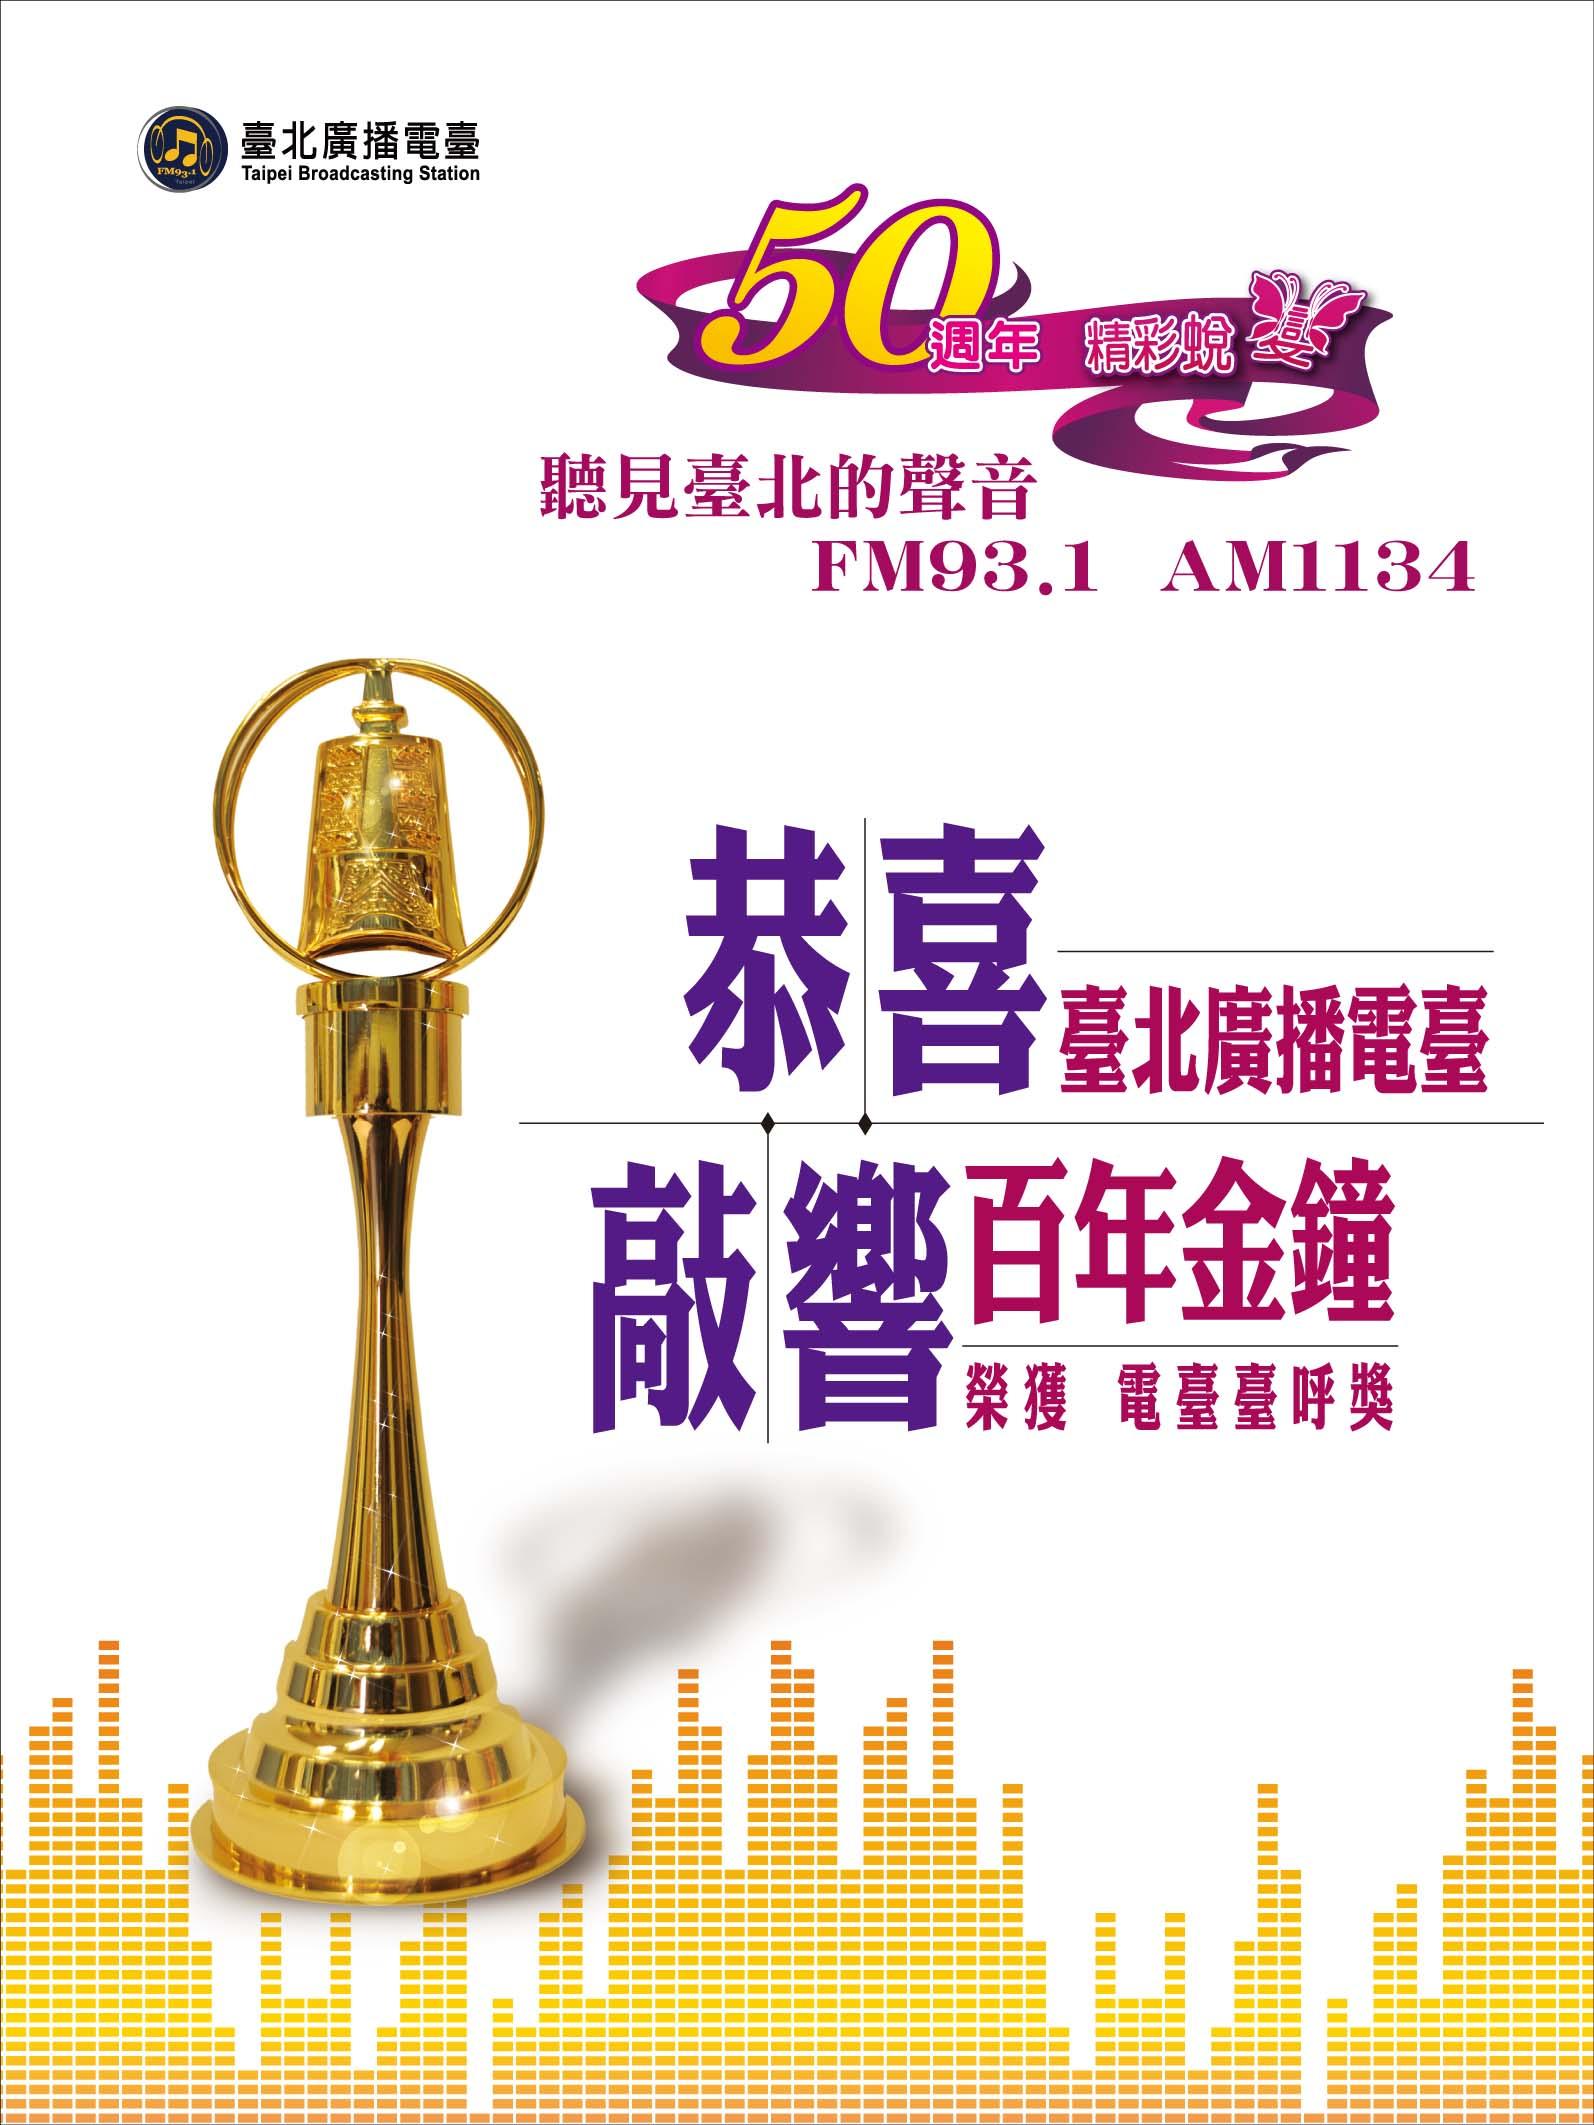 臺北廣播電臺-敲響金鐘